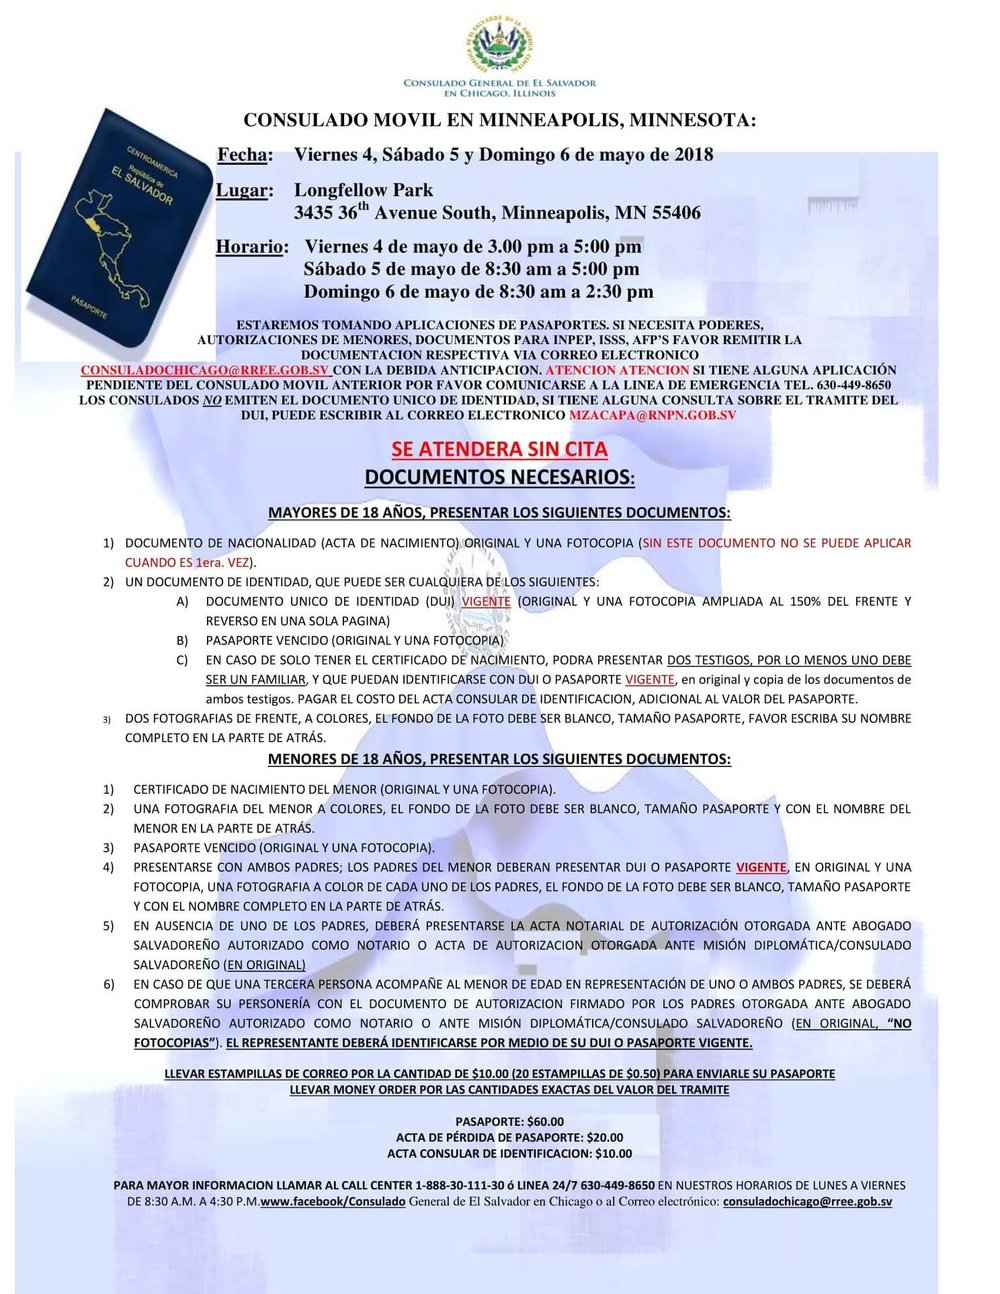 ATN: El Consulado General de El Salvador en Chicago, Illinois ...